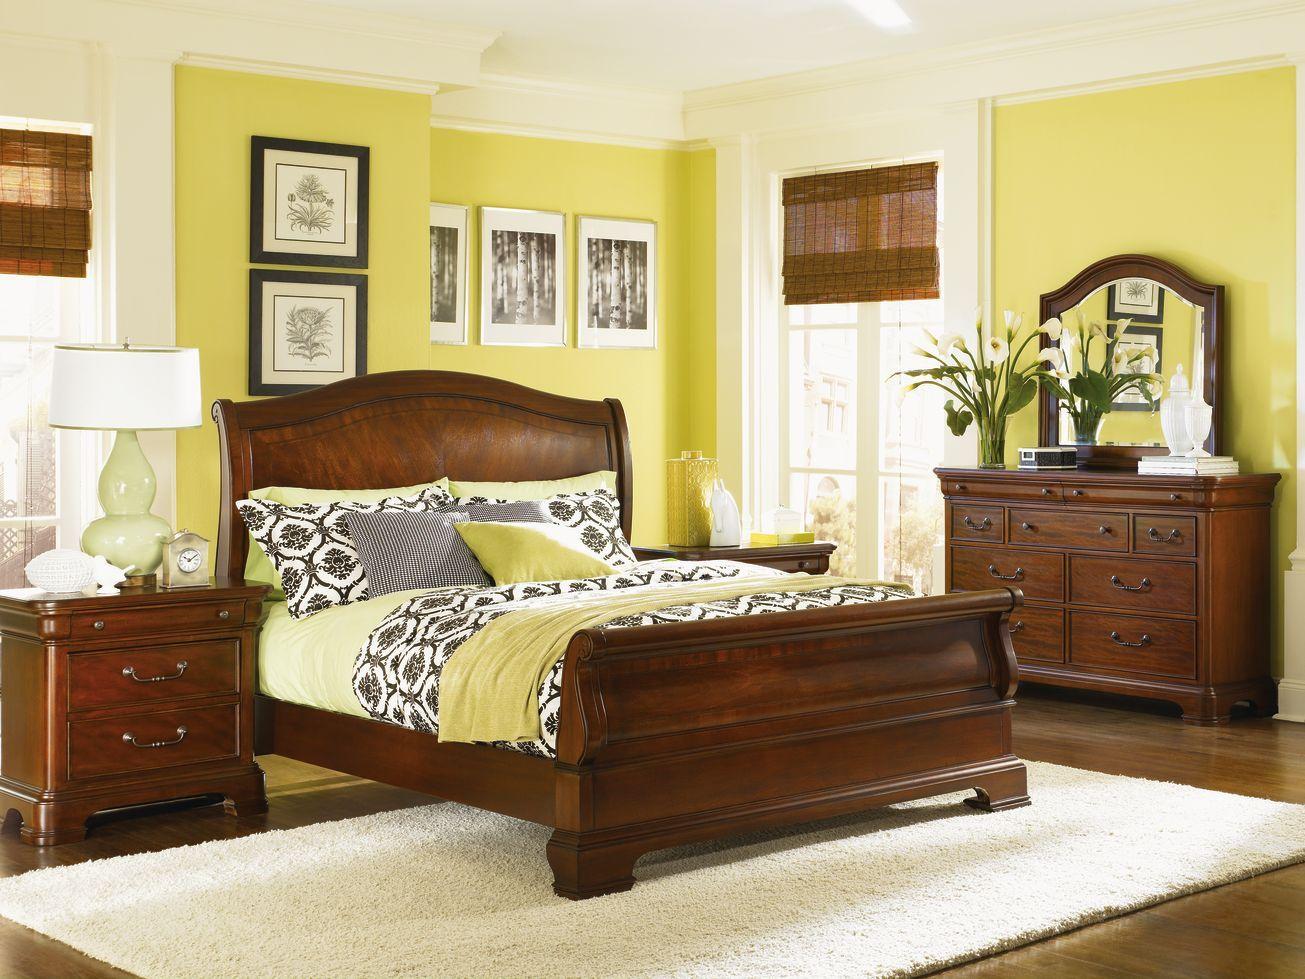 Schlafzimmer Sets Mit Matratze Das vielseitige